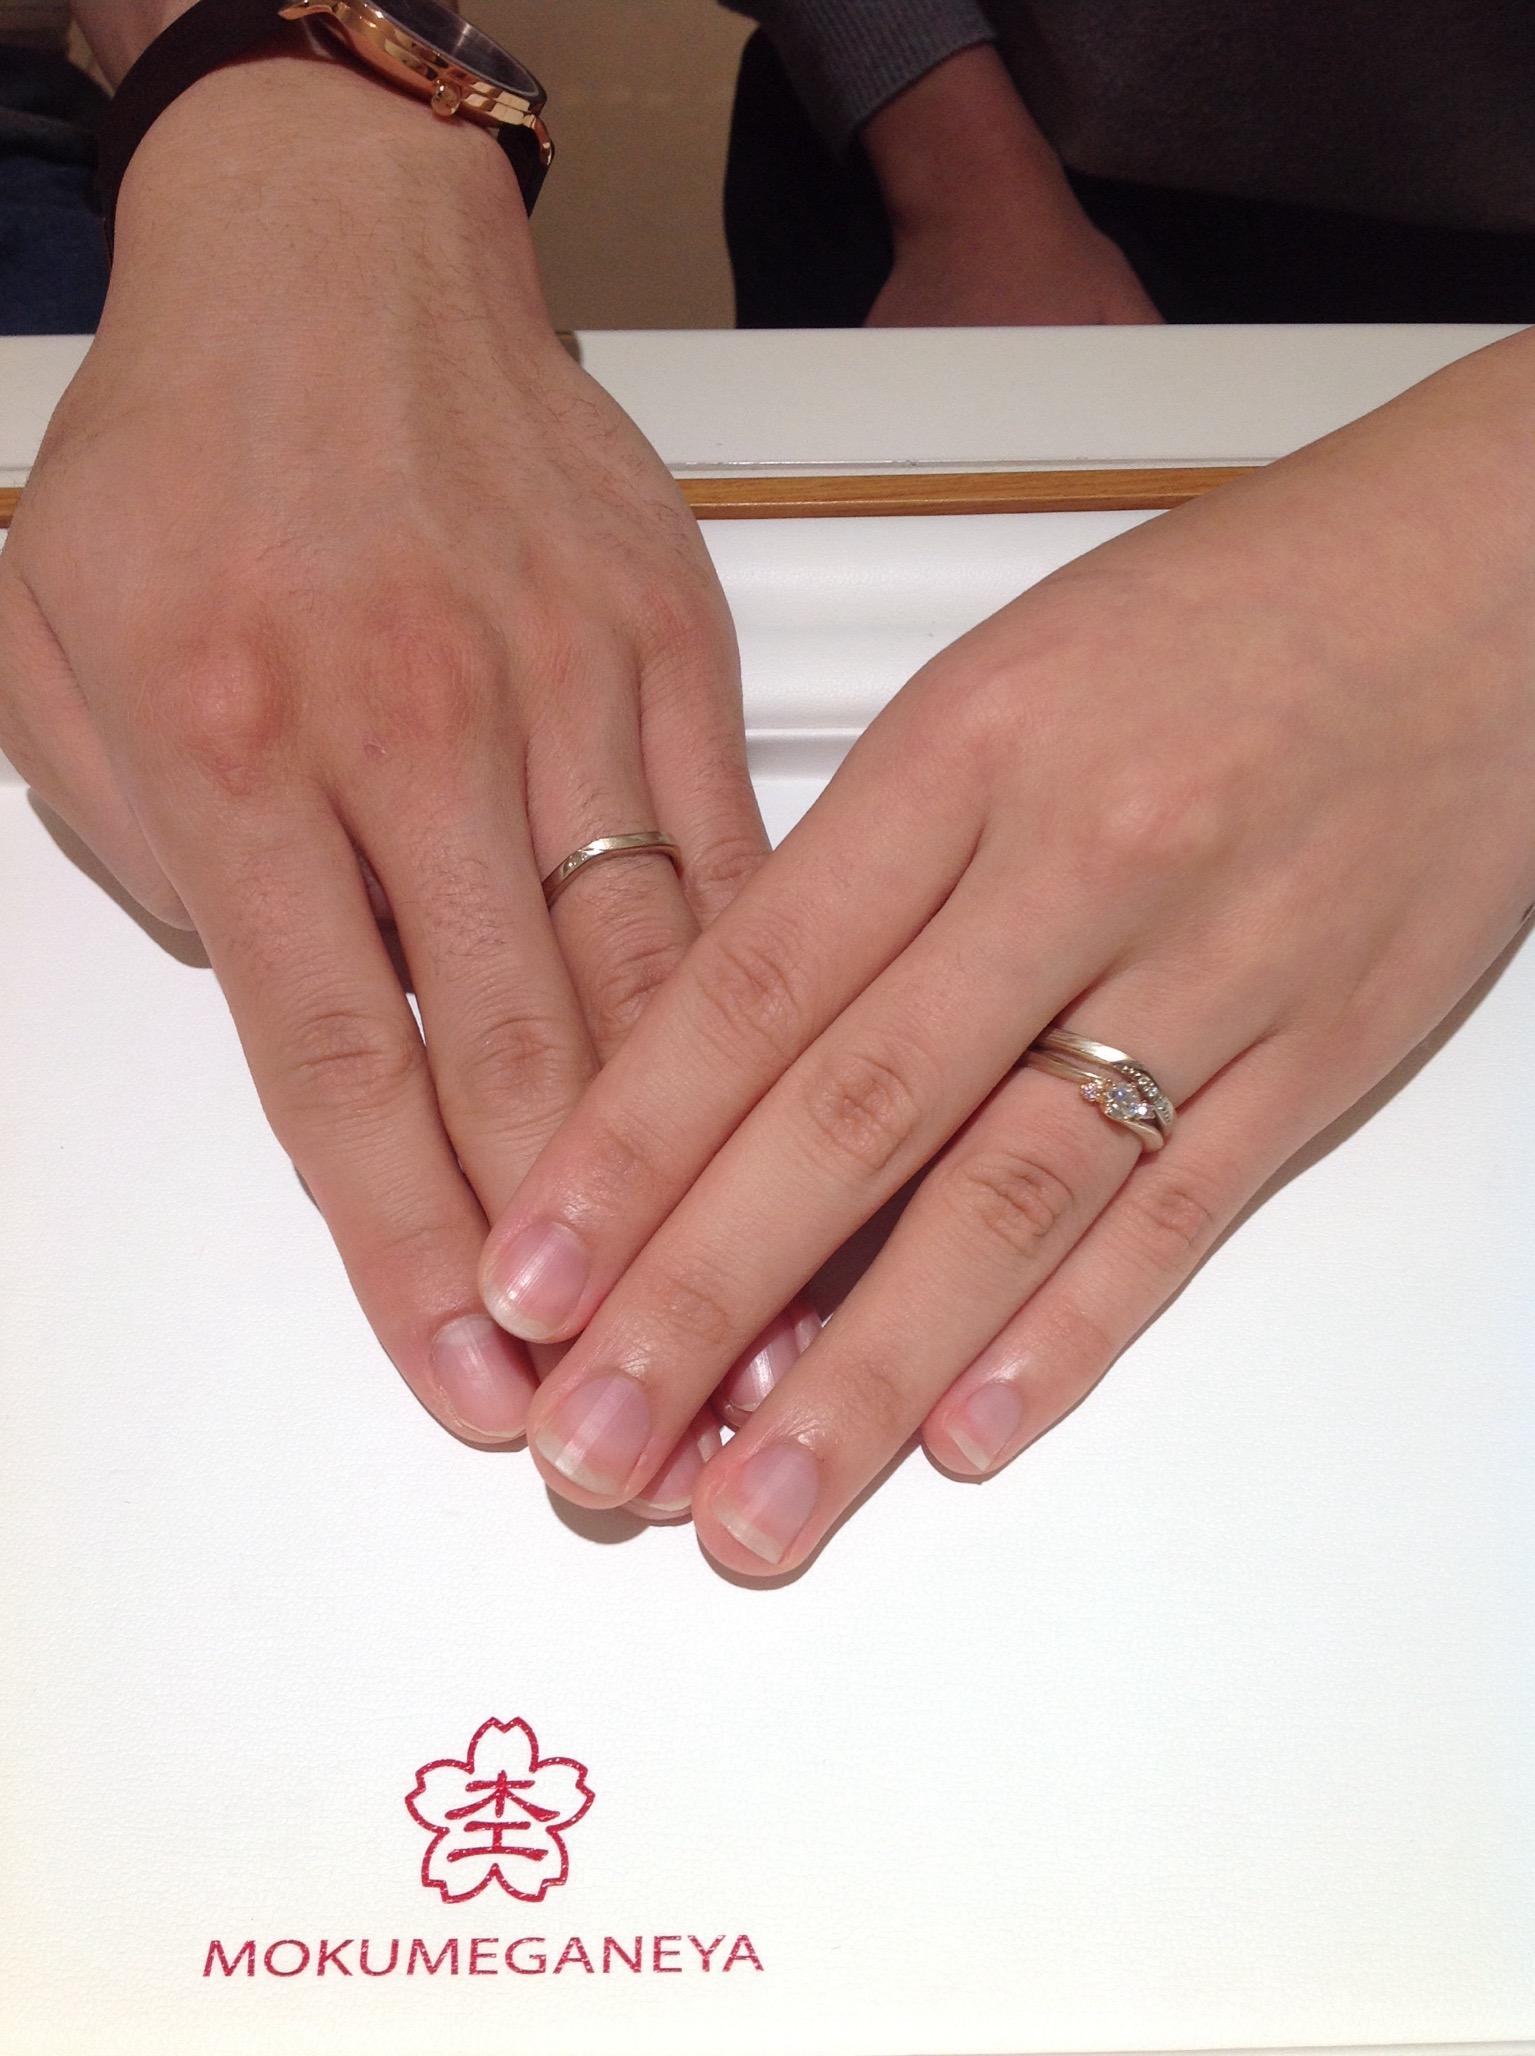 杢目金屋(もくめがねや)のご婚約指輪・ご結婚指輪をお作り頂きました